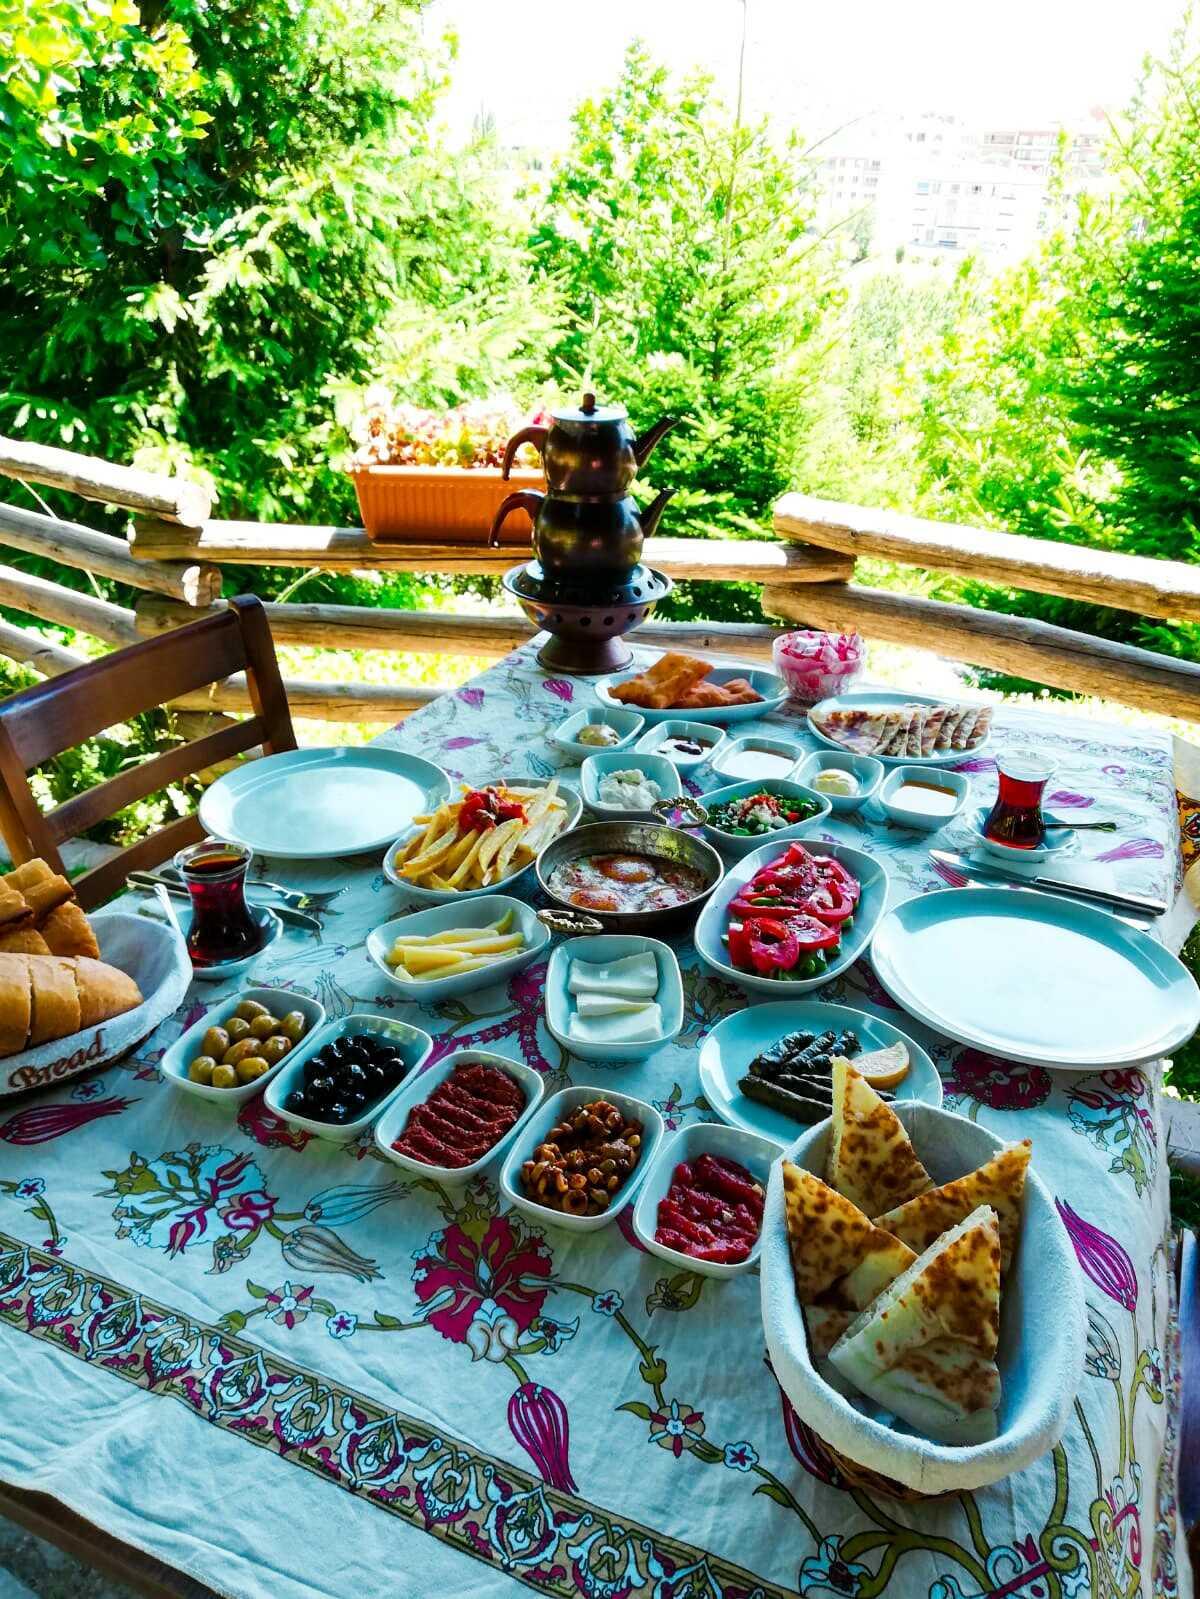 altınköy katırcılar konağı menü altınköy ankara kahvaltı fiyatları altınköy katırcılar konağı kahvaltı fiyat